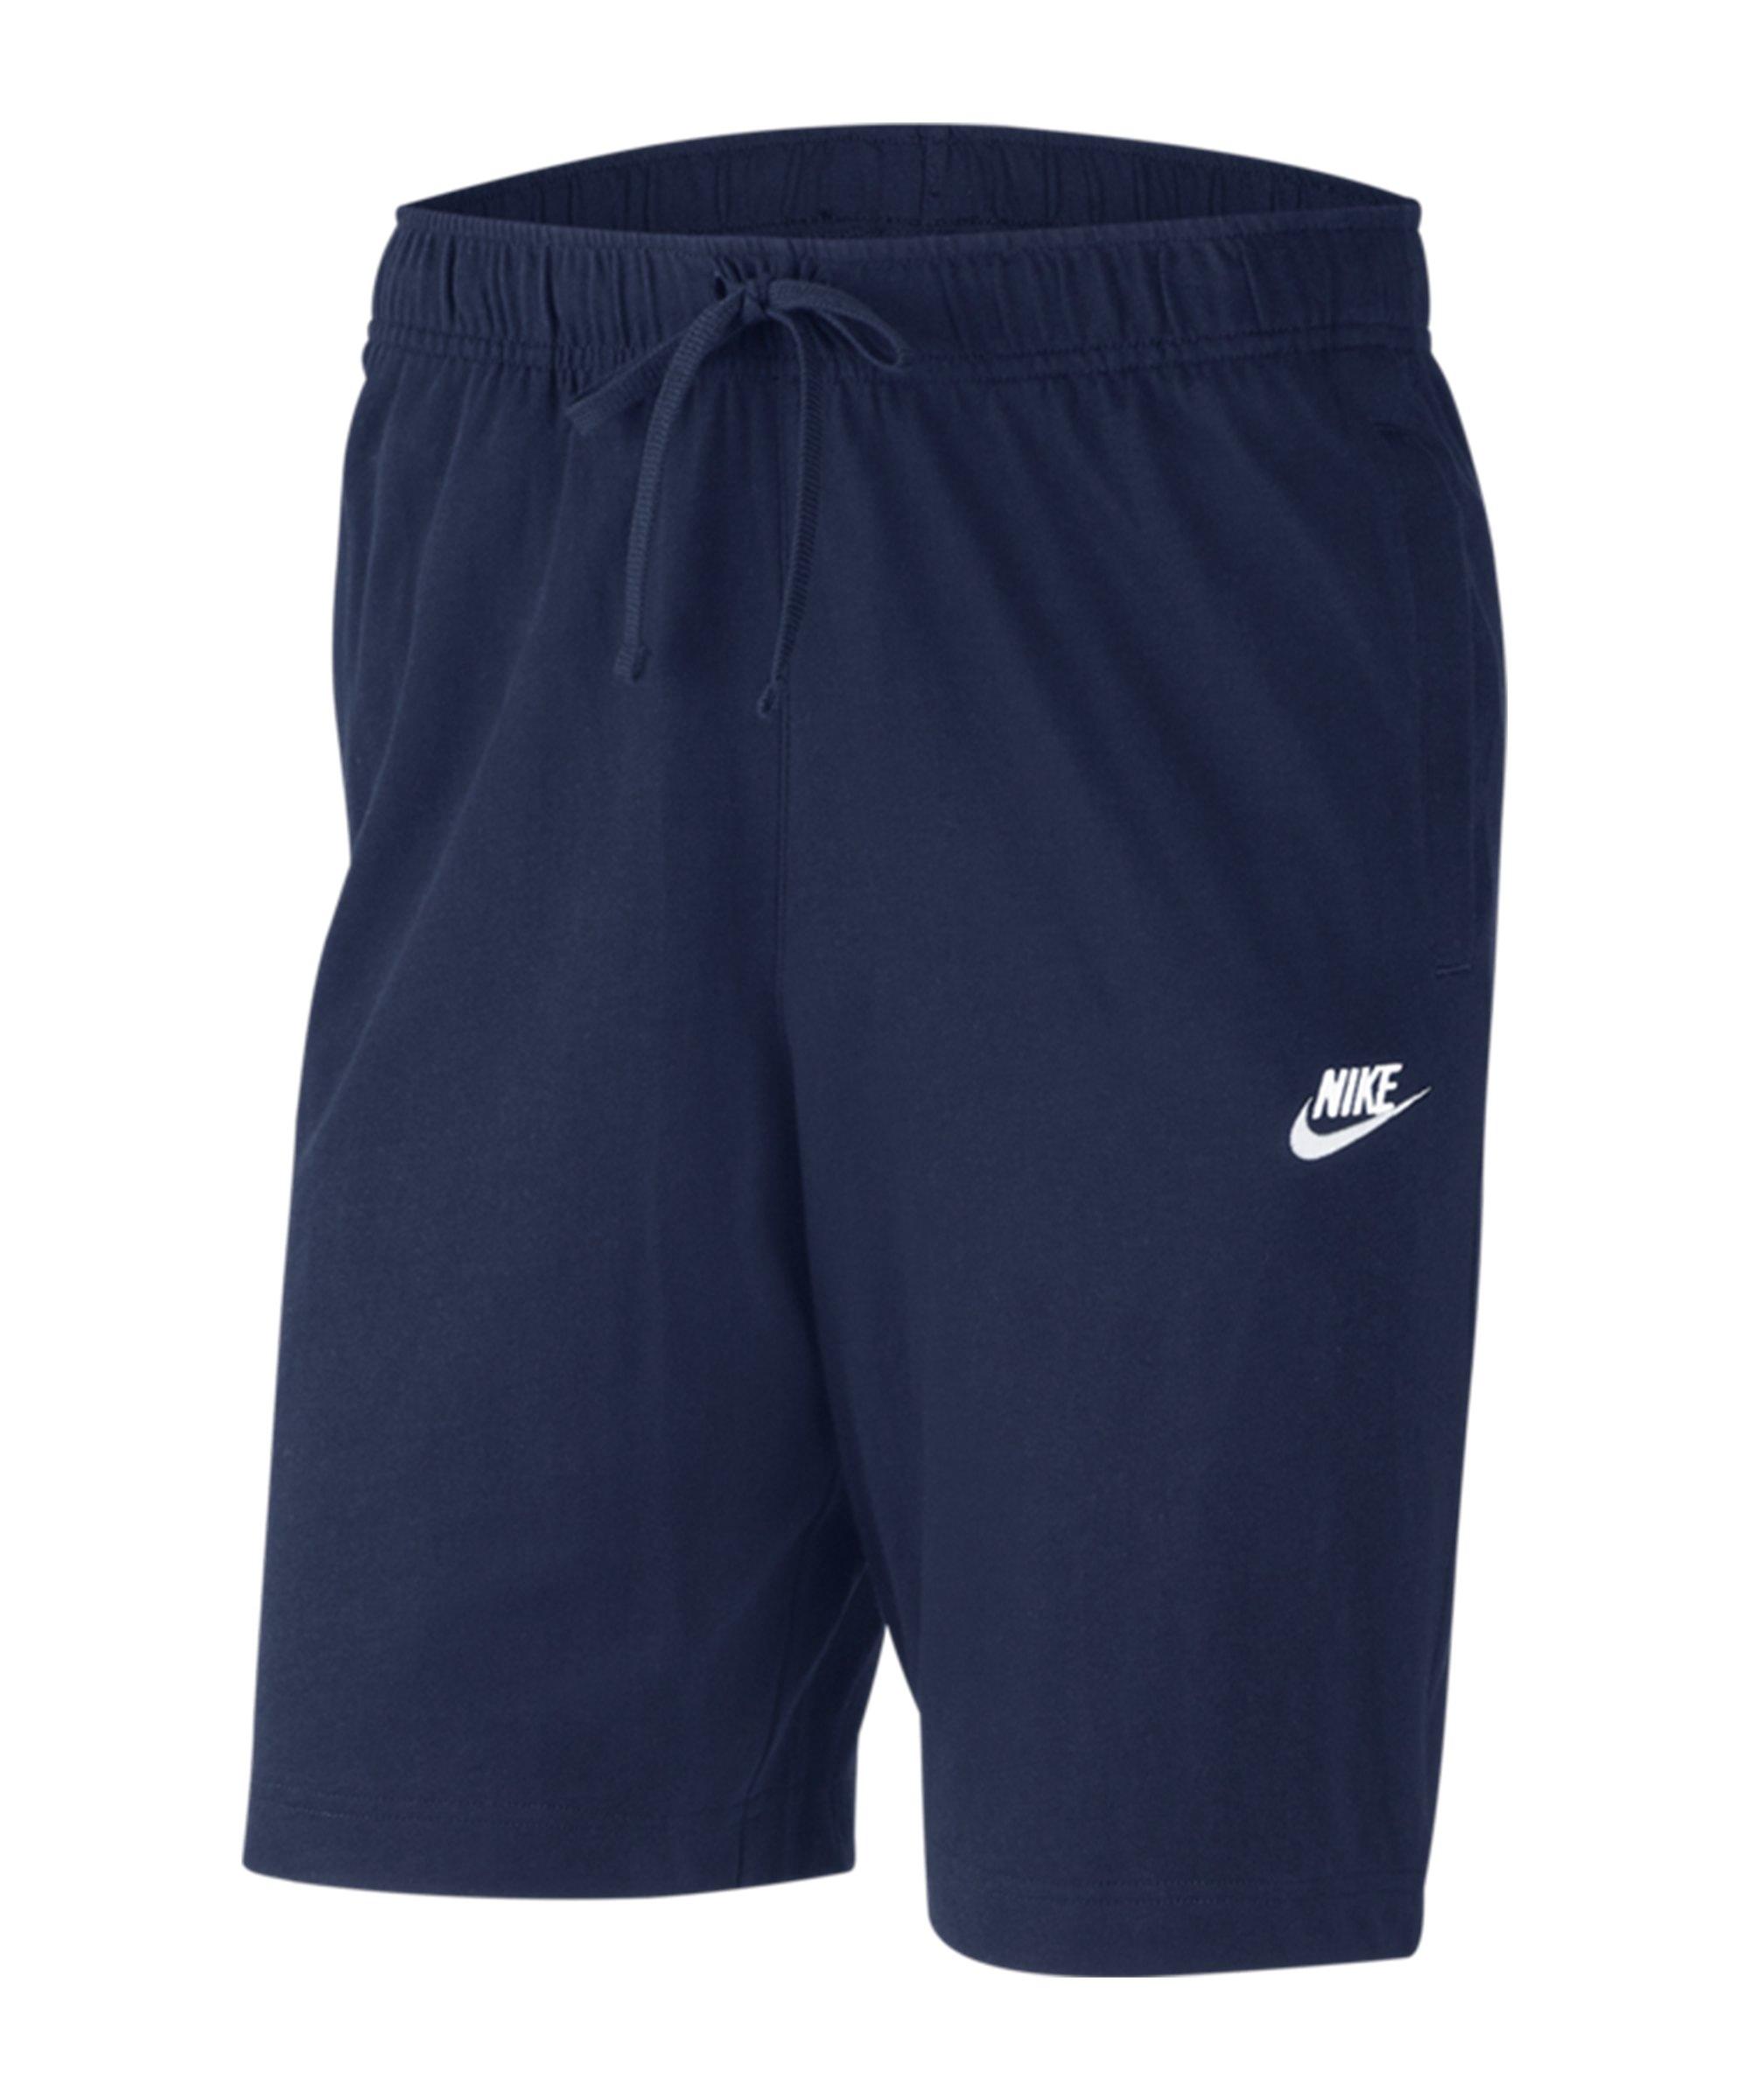 Nike Club Jersey Short Blau F410 - blau